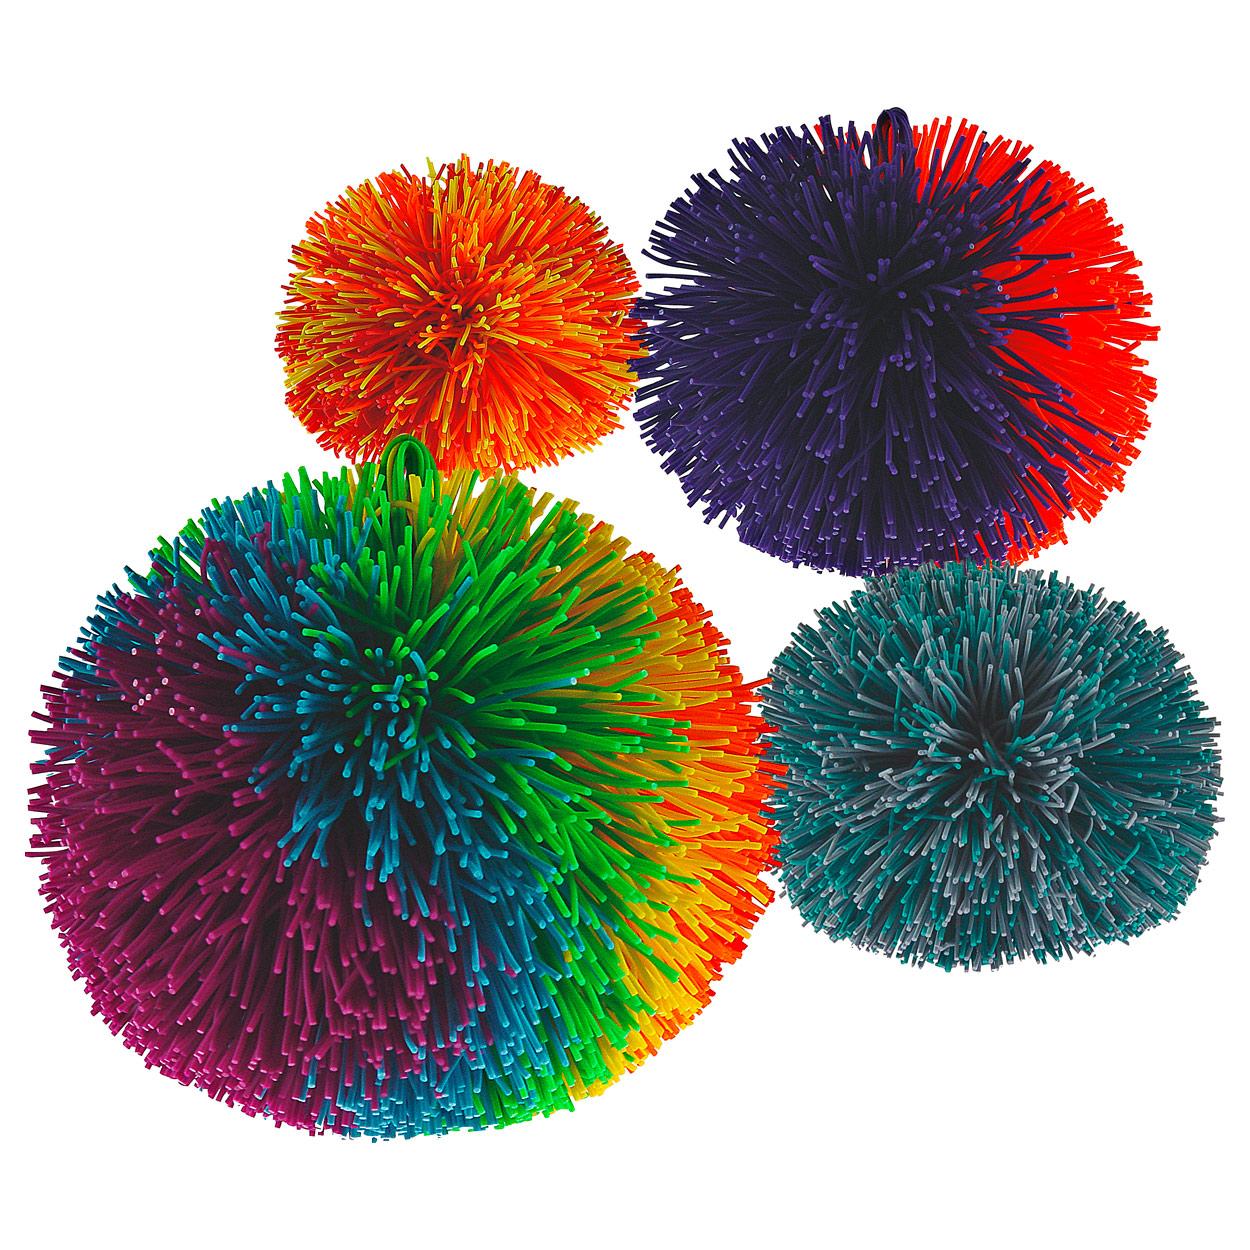 Buschwusch-Ball-Mini-Wuschelball-Spielball-Kinder-Therapie